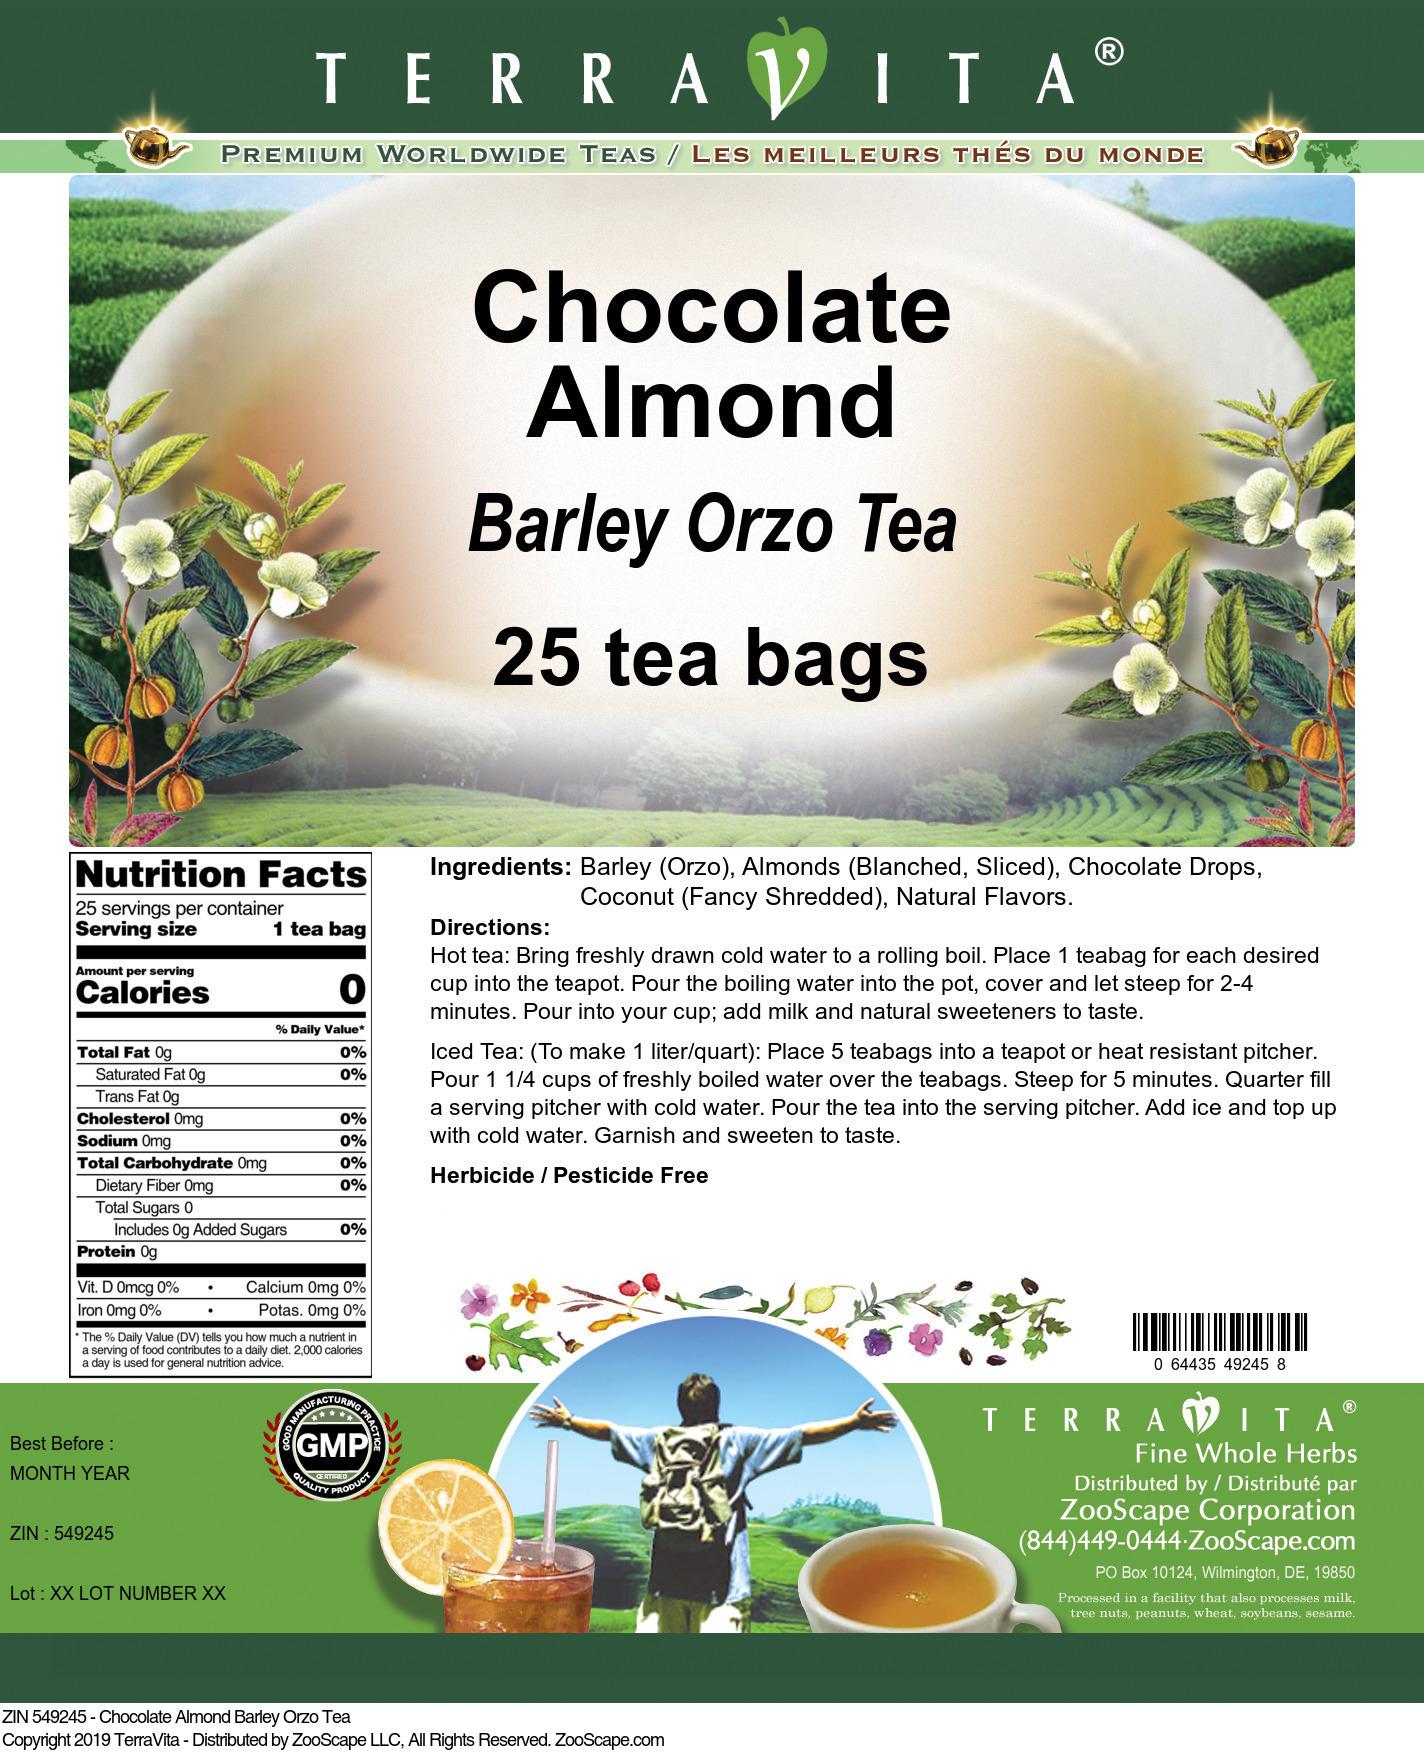 Chocolate Almond Barley Orzo